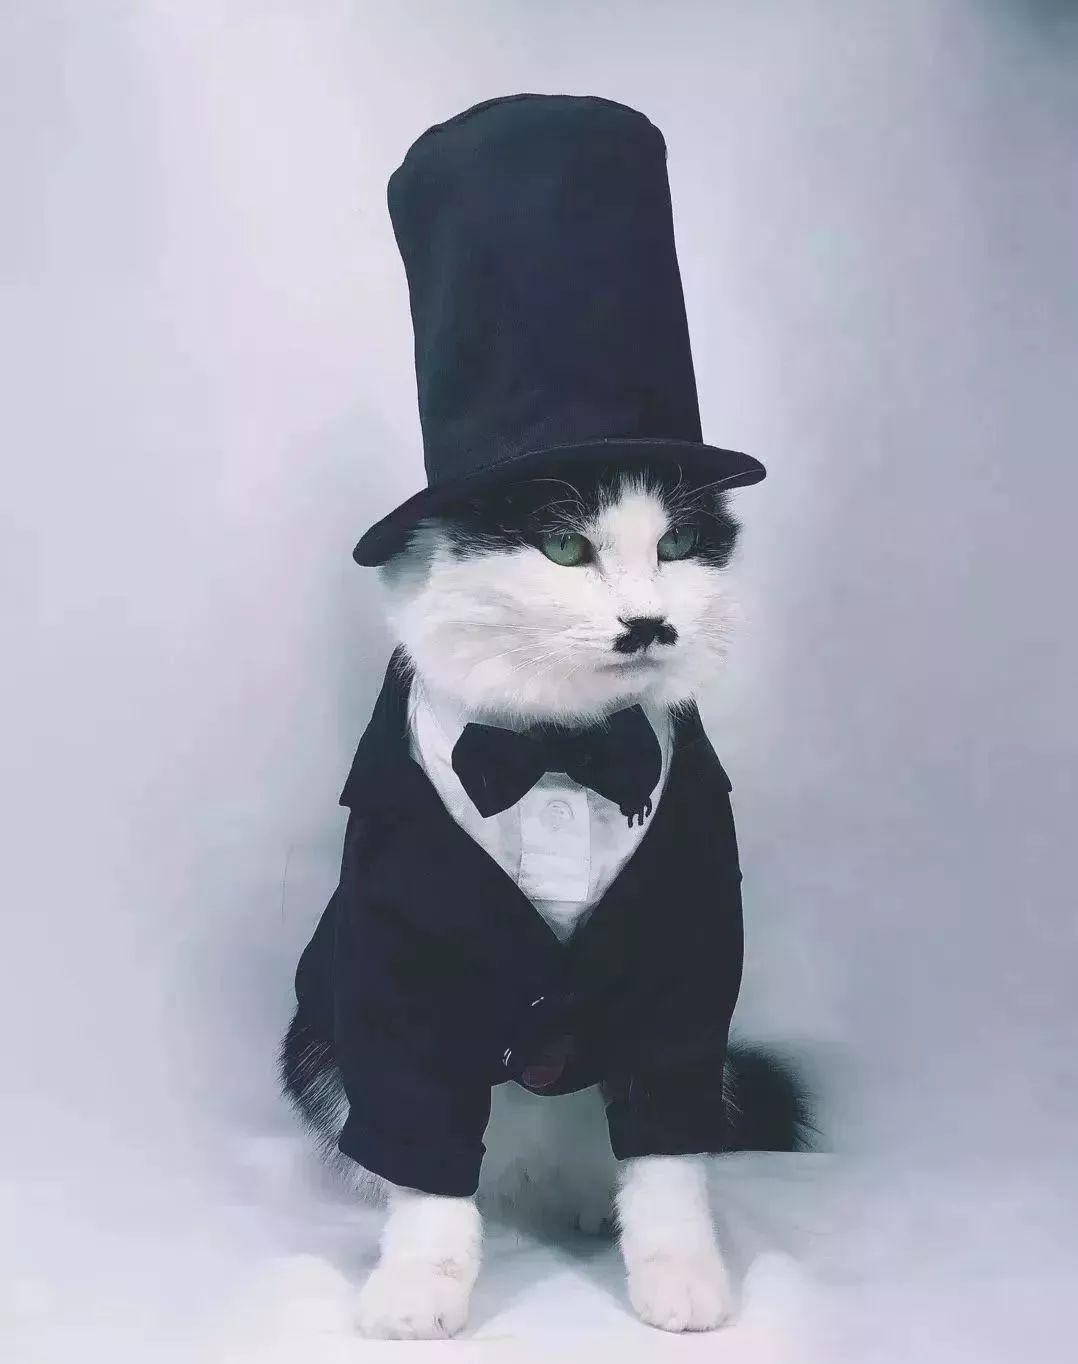 猫先生绅士的模样就像一个哲学家